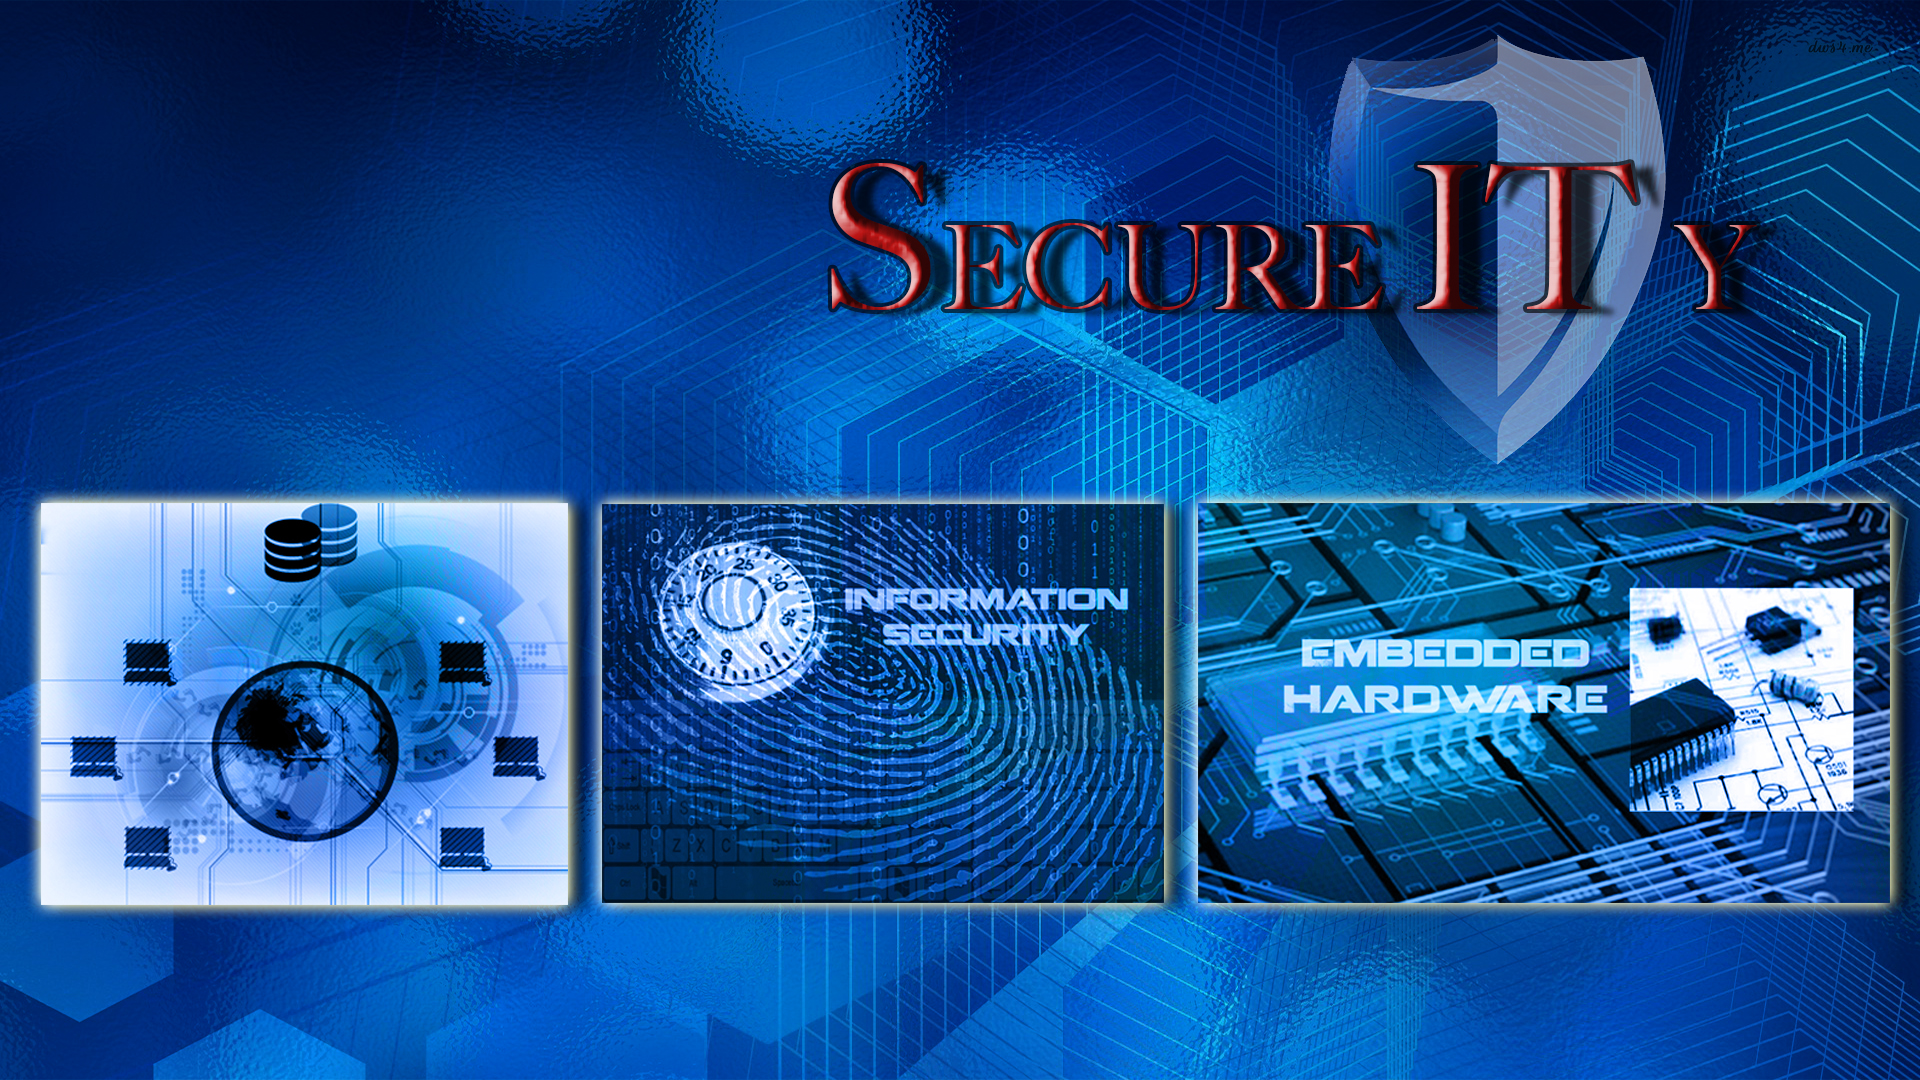 SecureIT (1).jpg